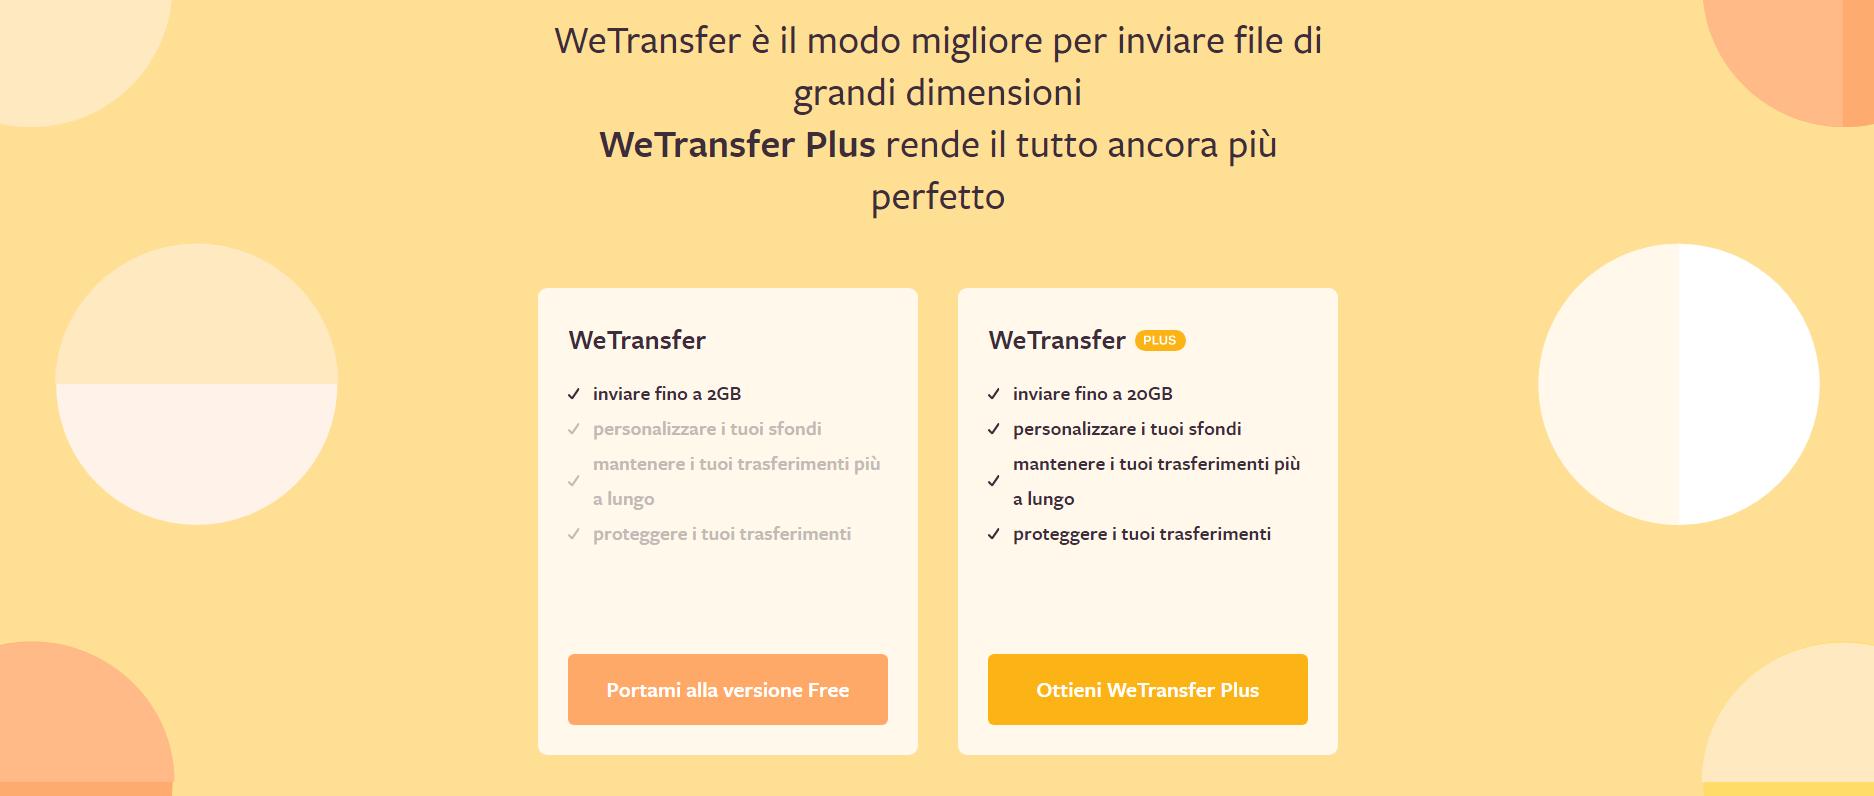 wetransfer per inviare file molto grandi email